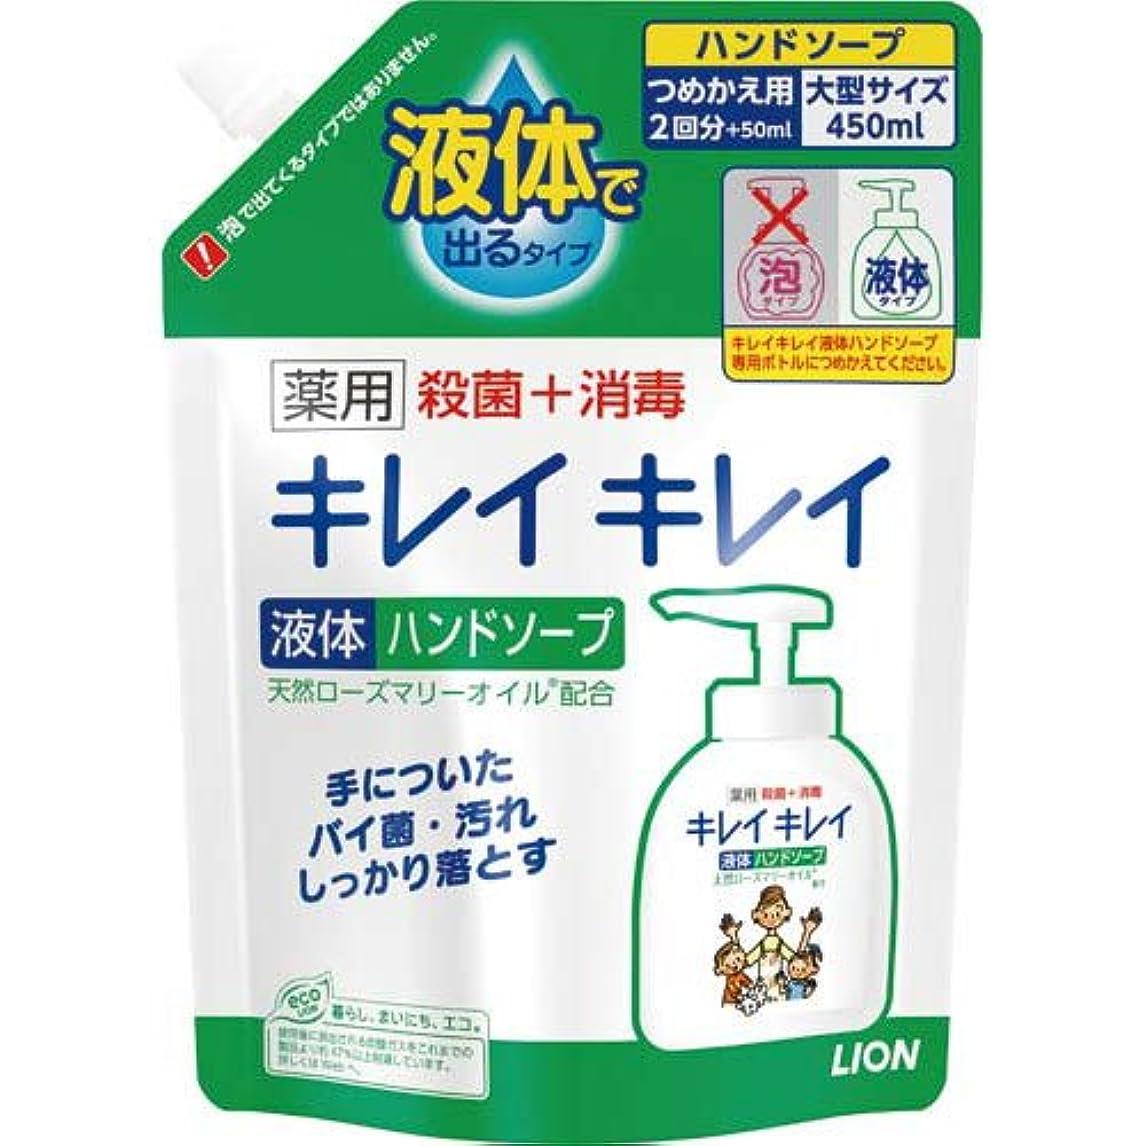 者プリーツ織るライオン キレイキレイ薬用ハンドソープ 詰替用450ml×4